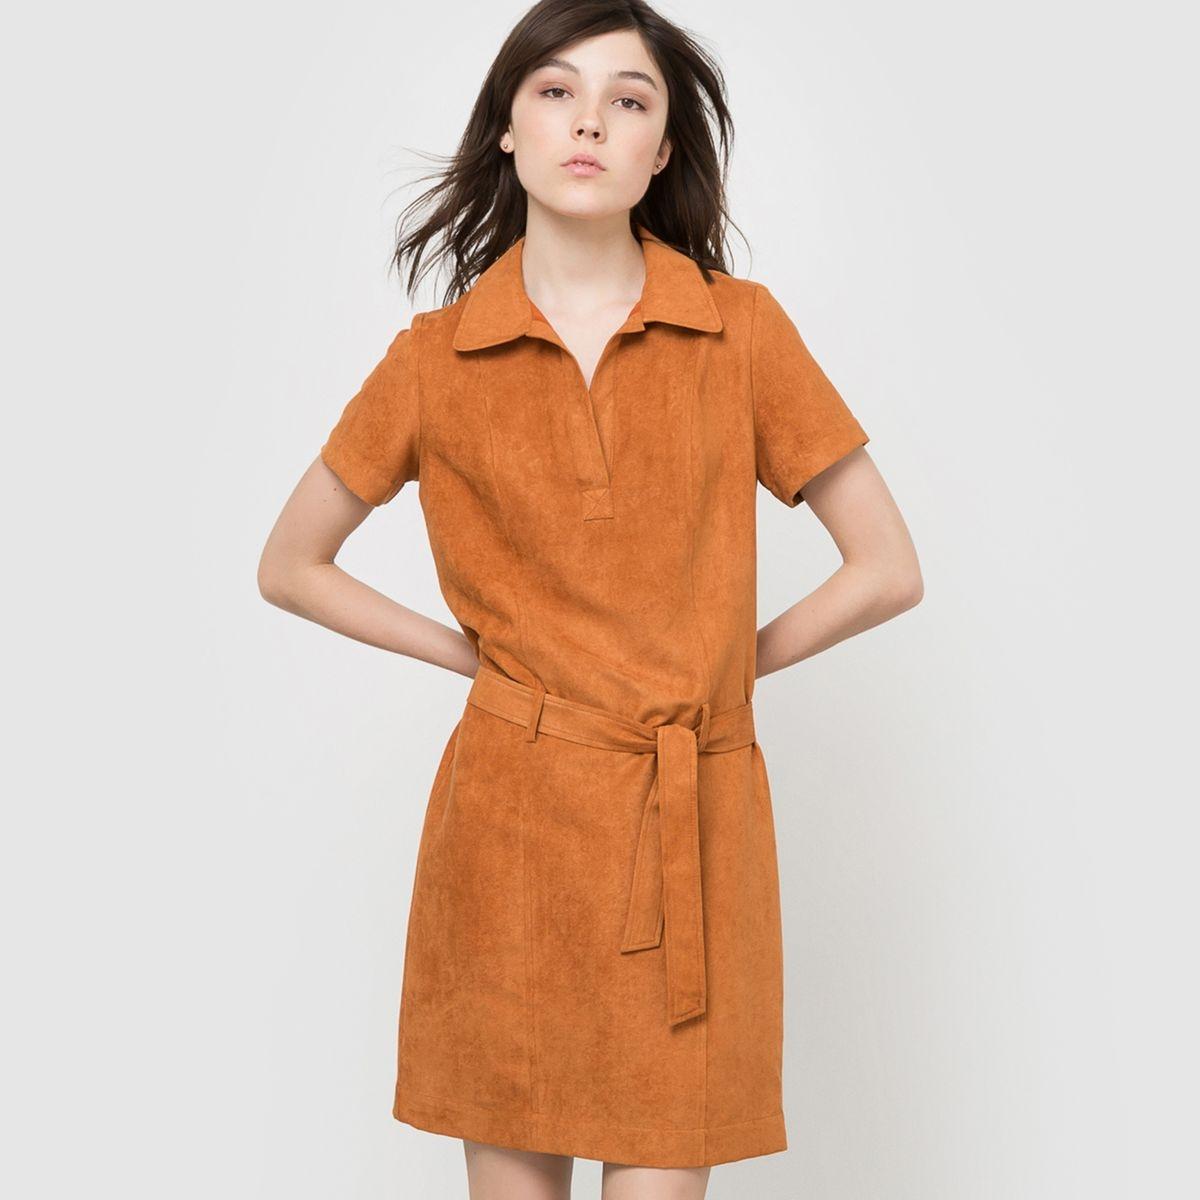 Robe suédine, manches courtes avec ceinture